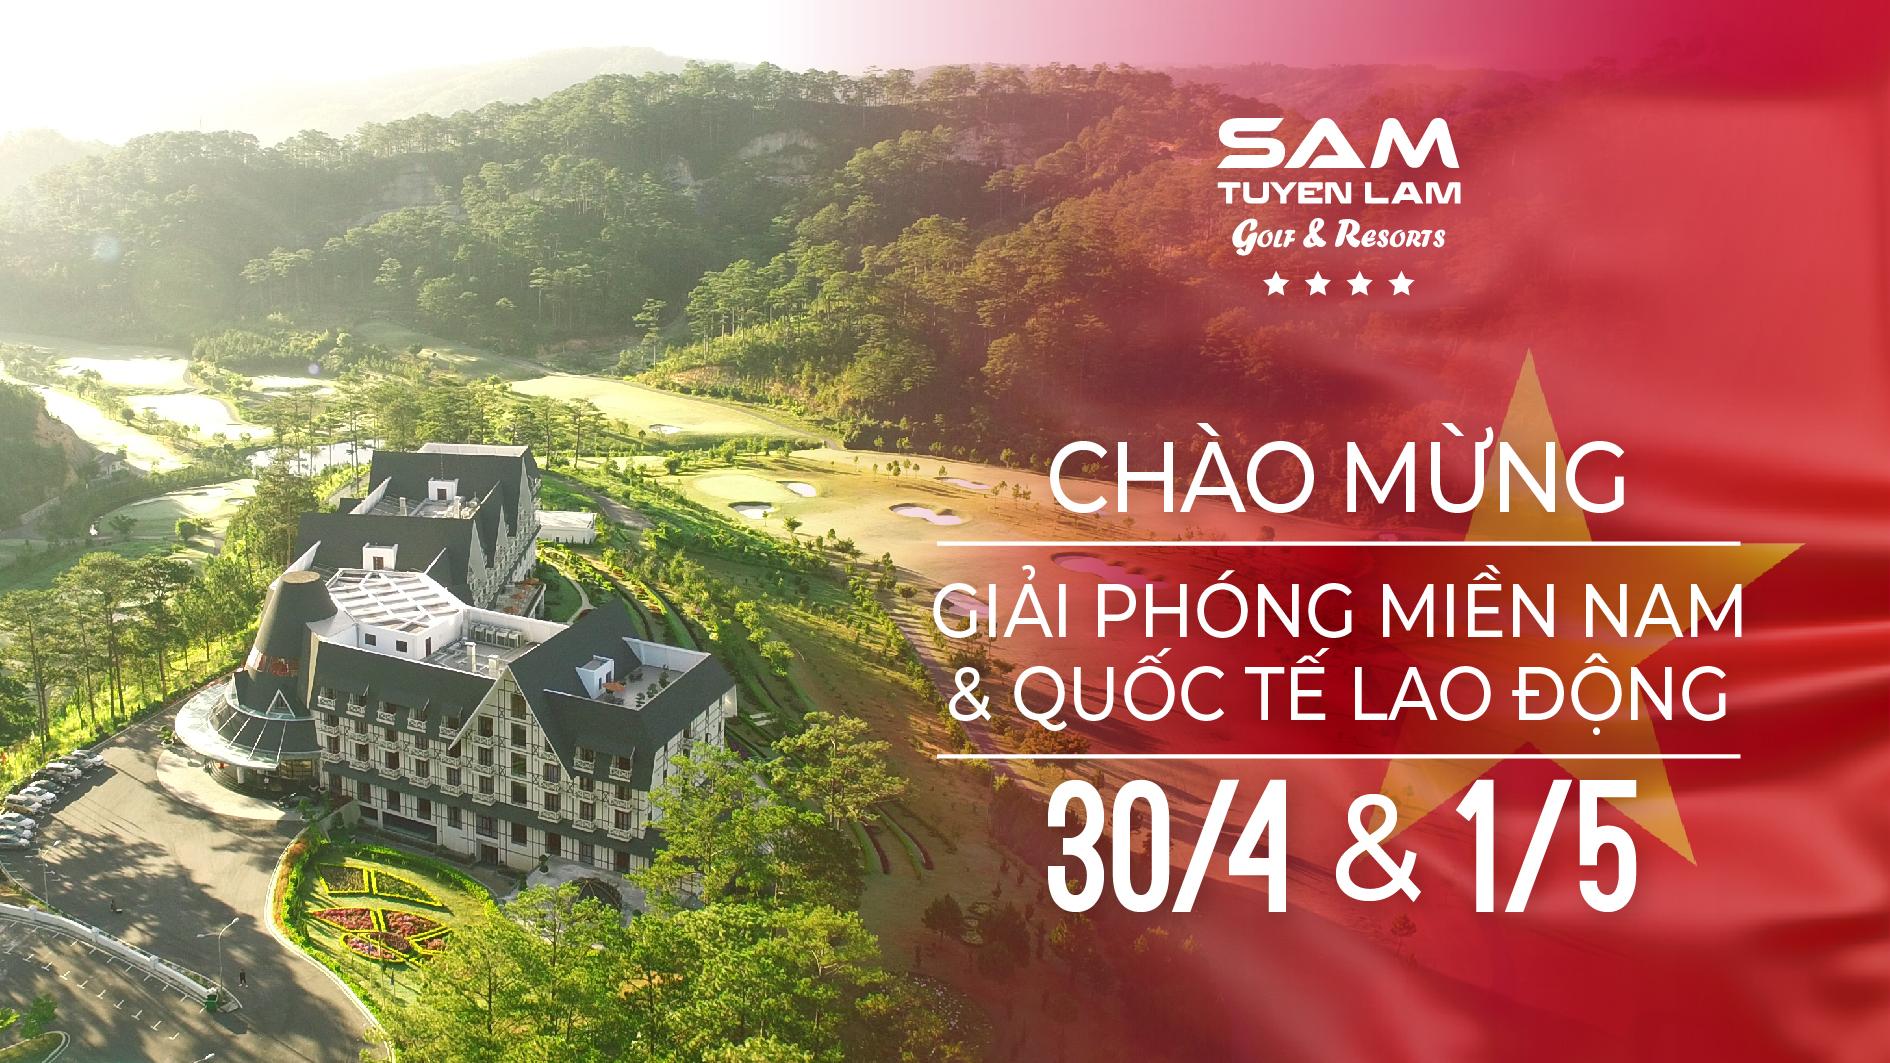 """(Tiếng Việt) Kết hợp chơi Golf & Buffet """"Trọn niềm vui"""" 30/04 tại thiên đường nghỉ dưỡng ở Đà Lạt"""